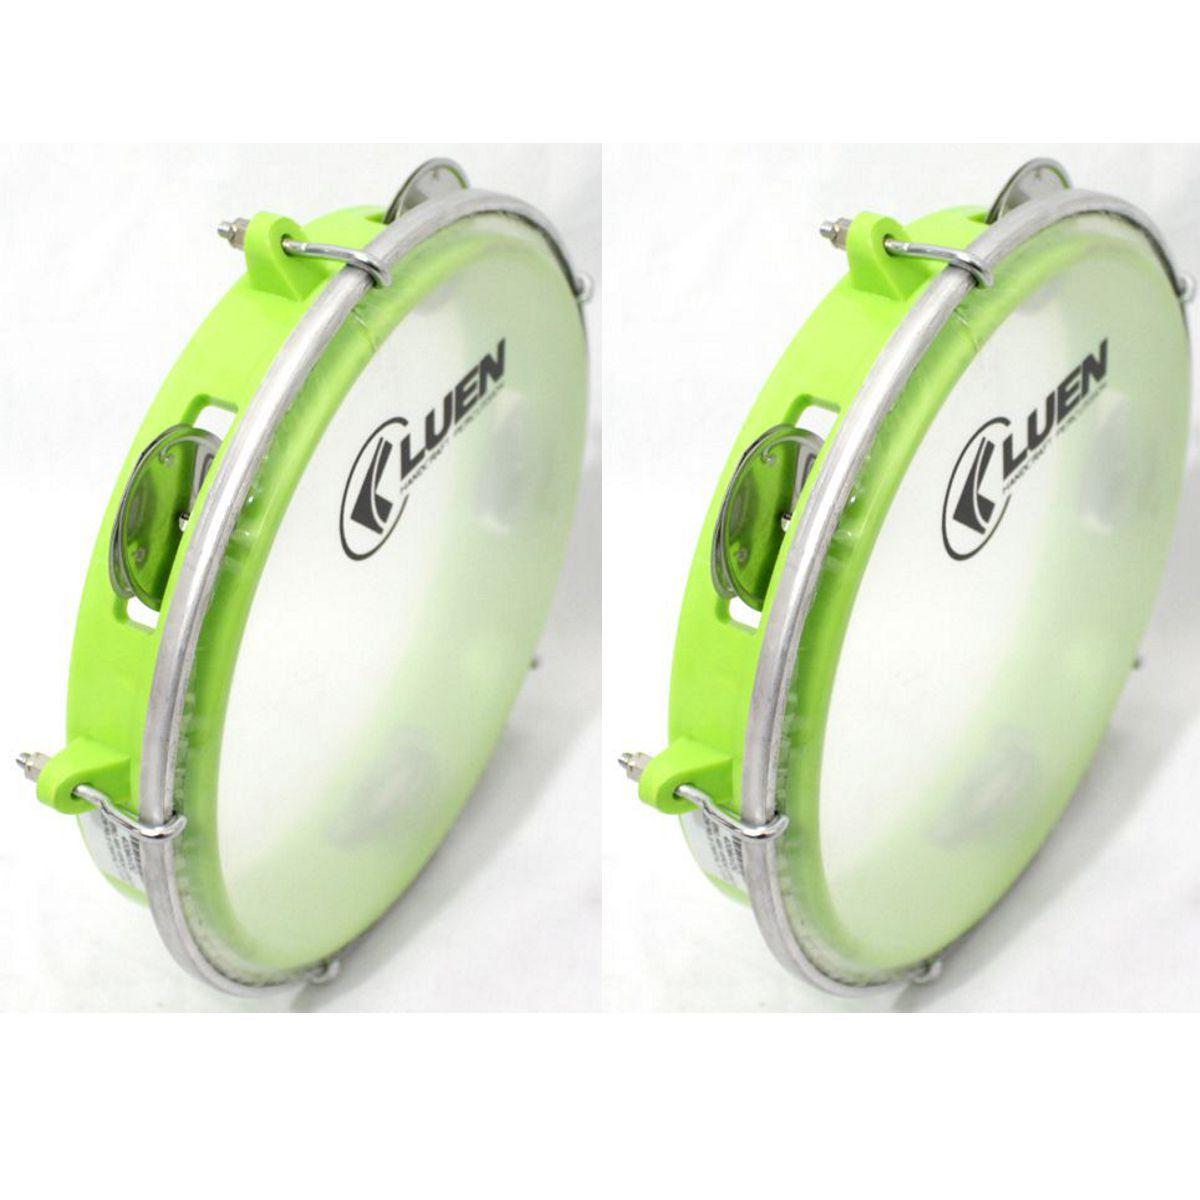 Pandeiro Luen 8 Junior ARO ABS Verde Pele Cristal - 40084VDC - Pacote com 02 Unidades